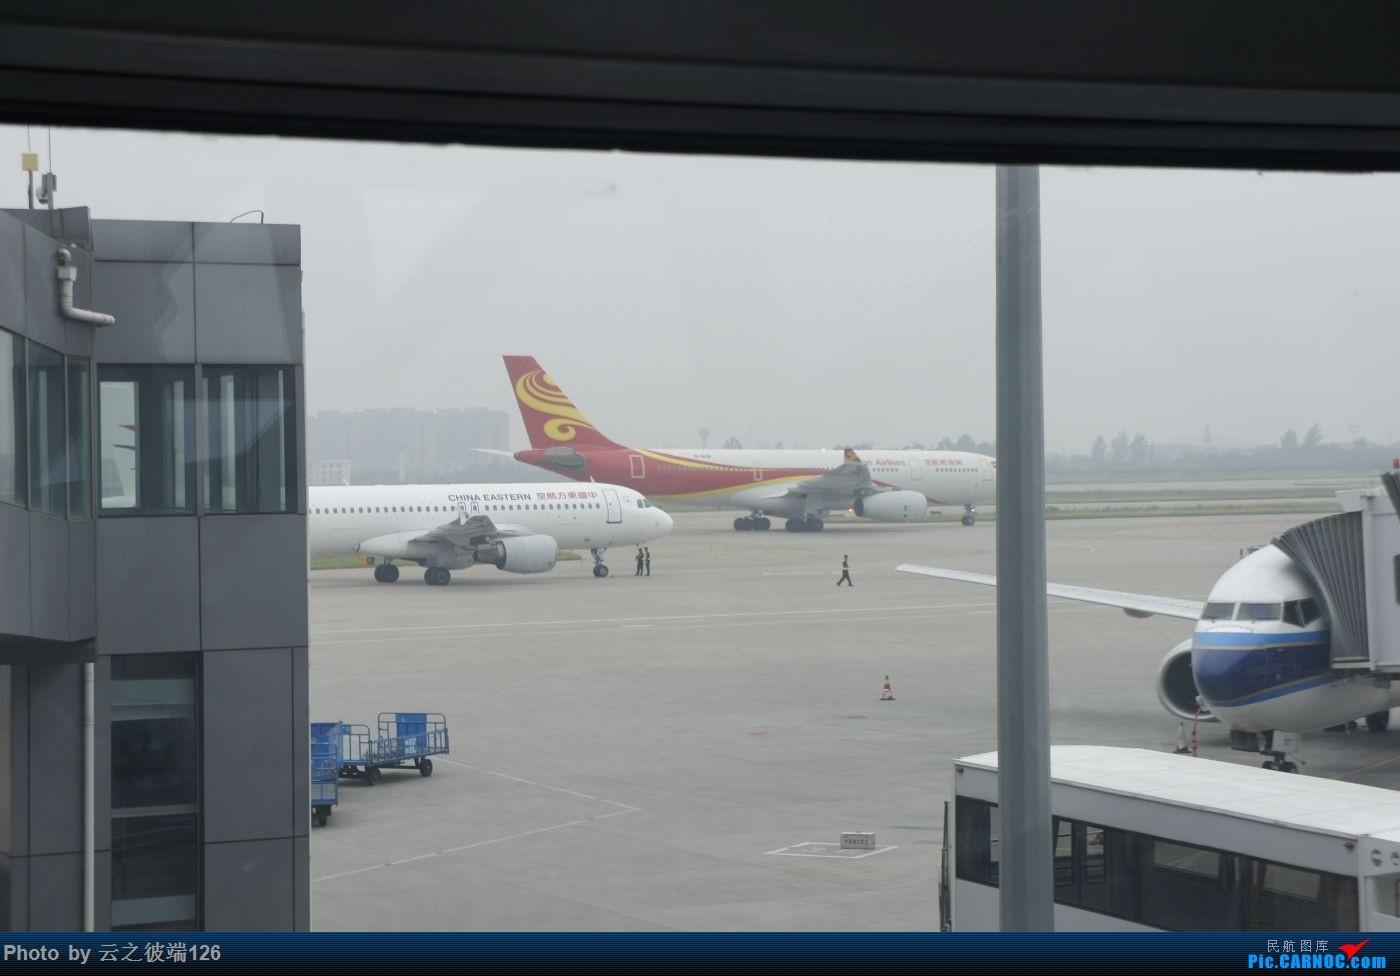 Re:[原创]---步入中原,时隔三年意外遇见你 NKG-XIY-HFE--- AIRBUS A330-200 B-6118 中国西安咸阳国际机场